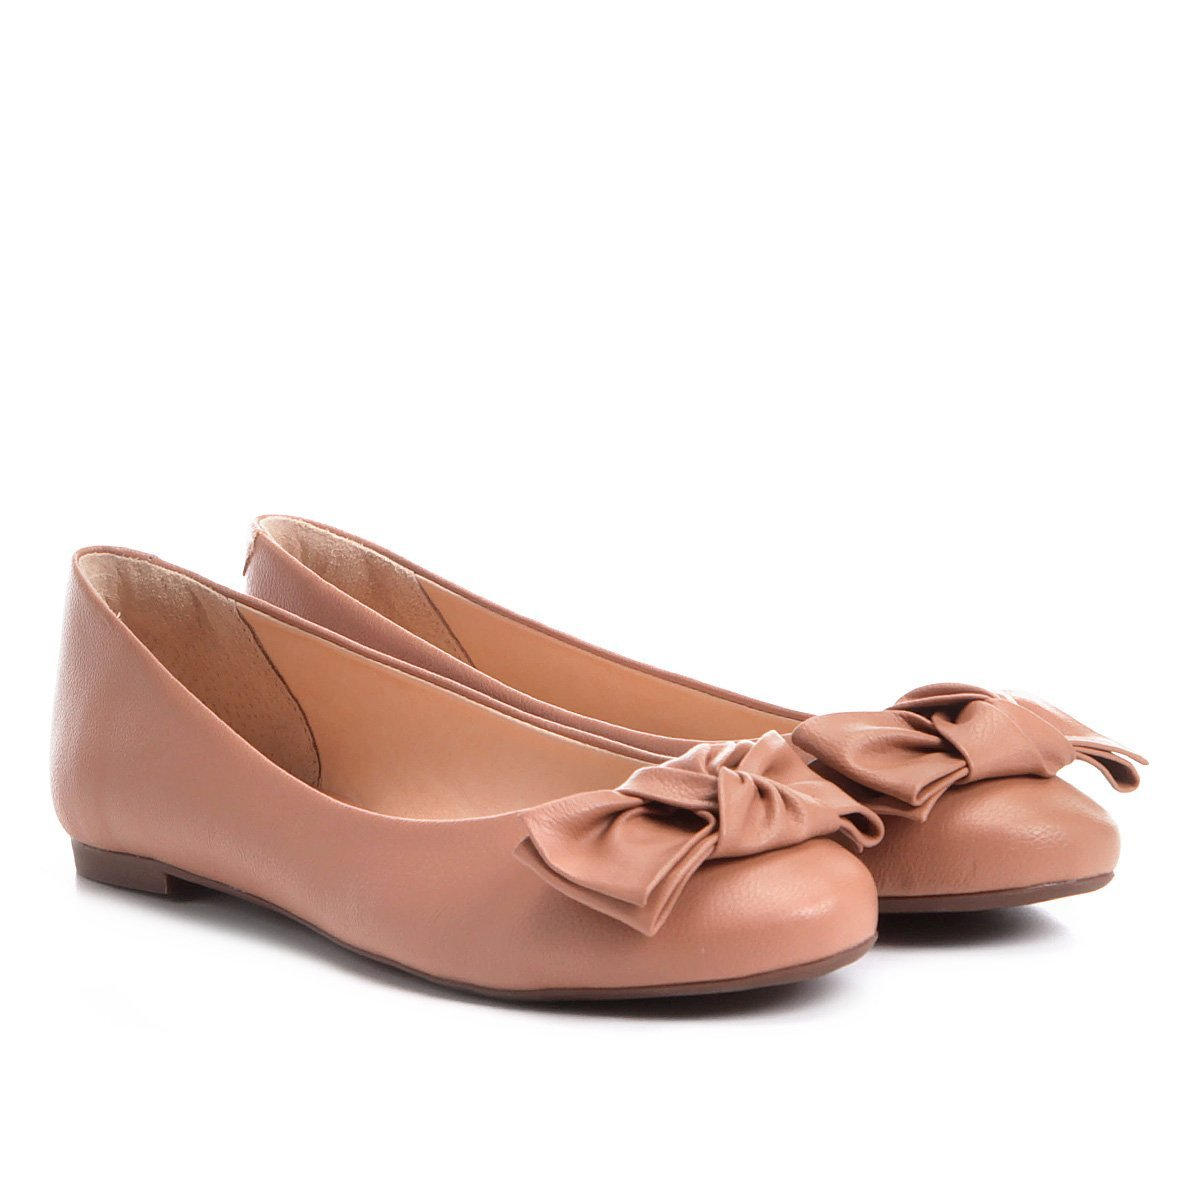 423a6eaae79 Sapatilha Shoestock Bico Redondo Laço Feminina - Compre Agora ...